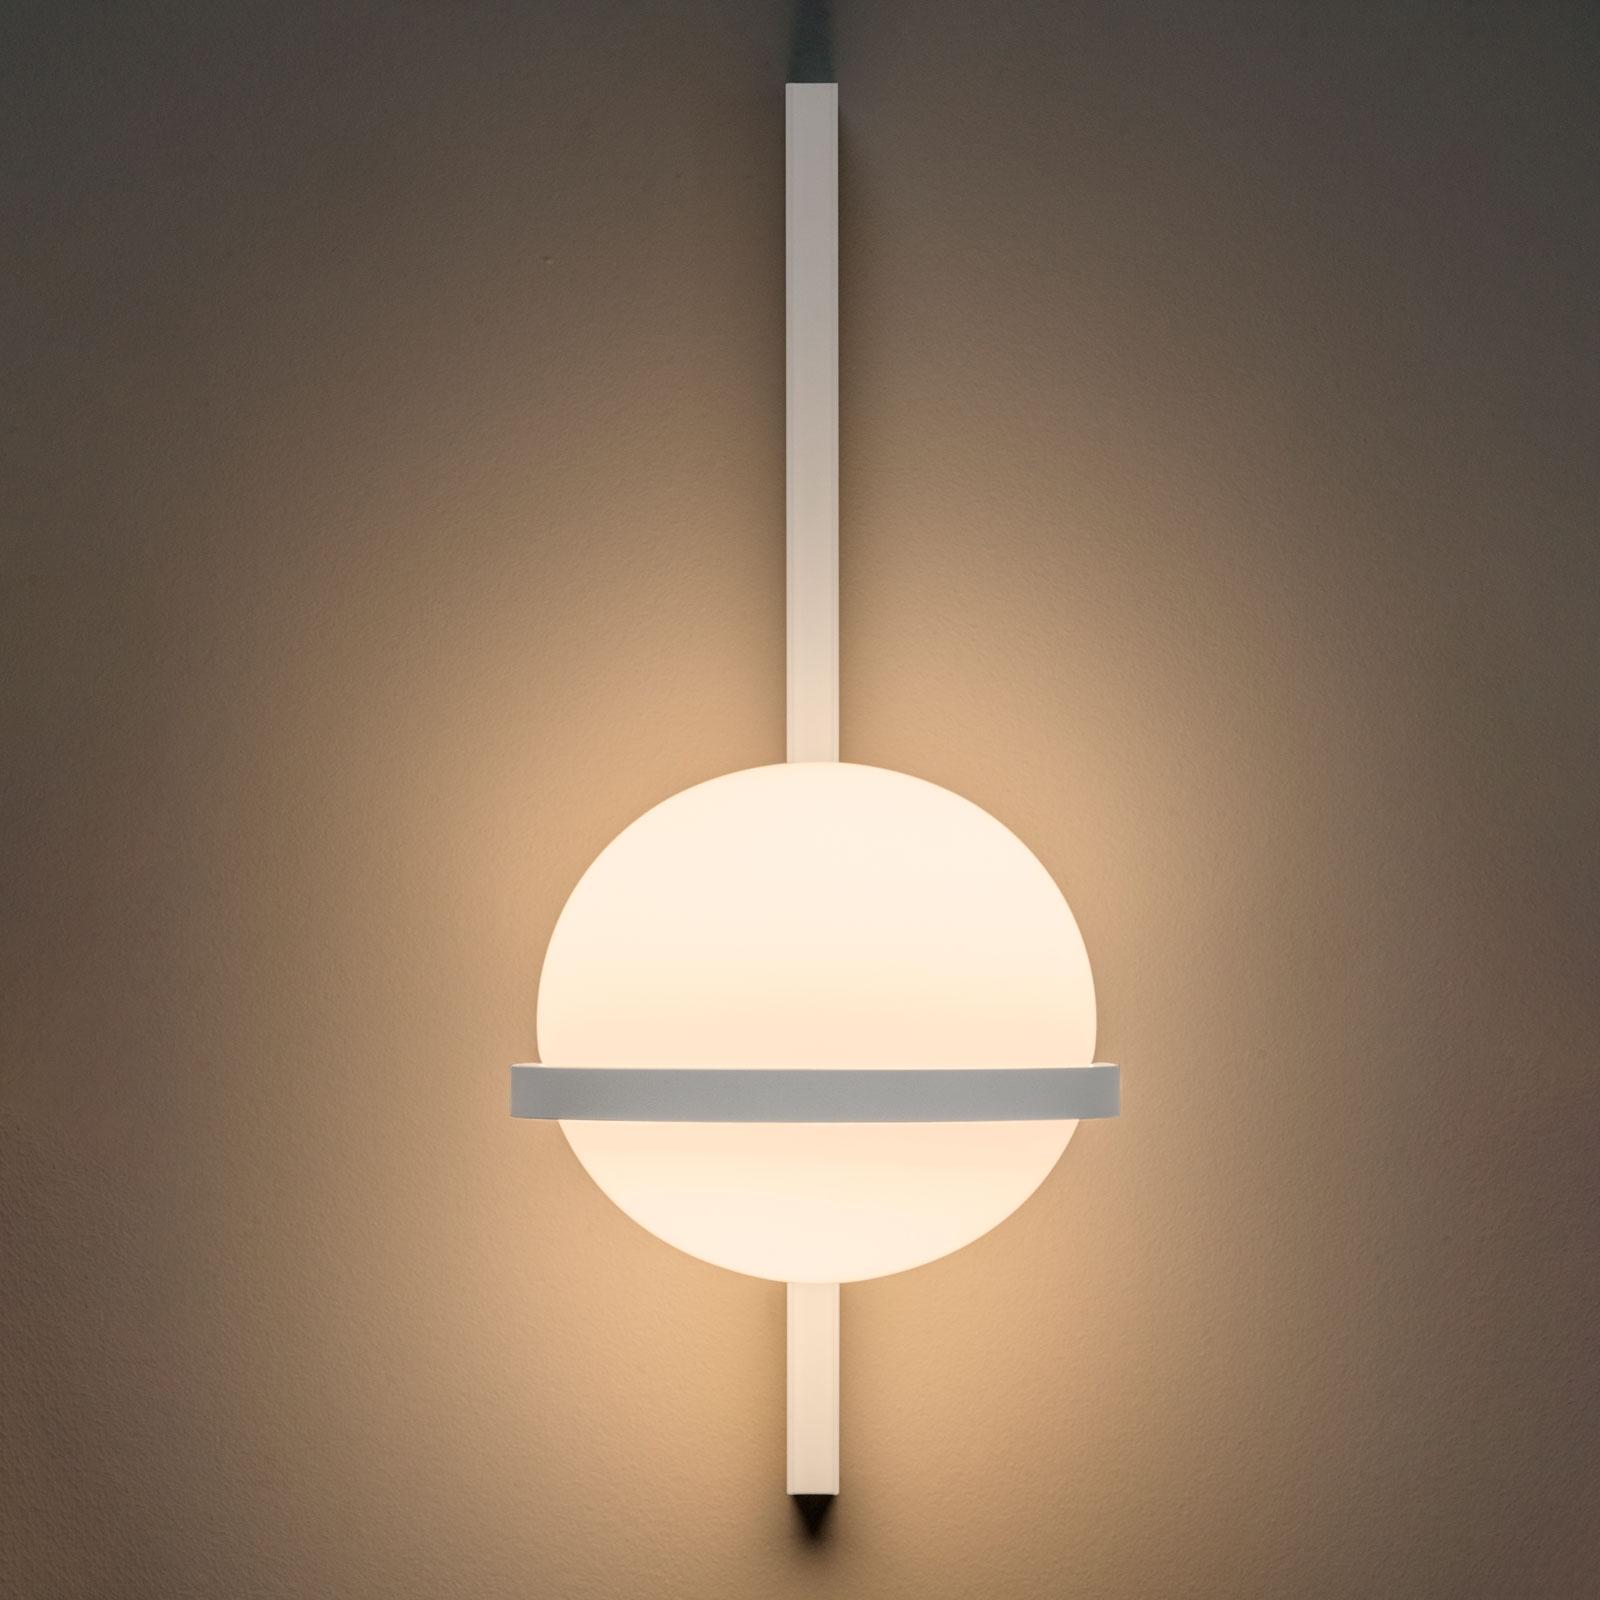 Vibia Palma 3710 LED wandlamp, wit